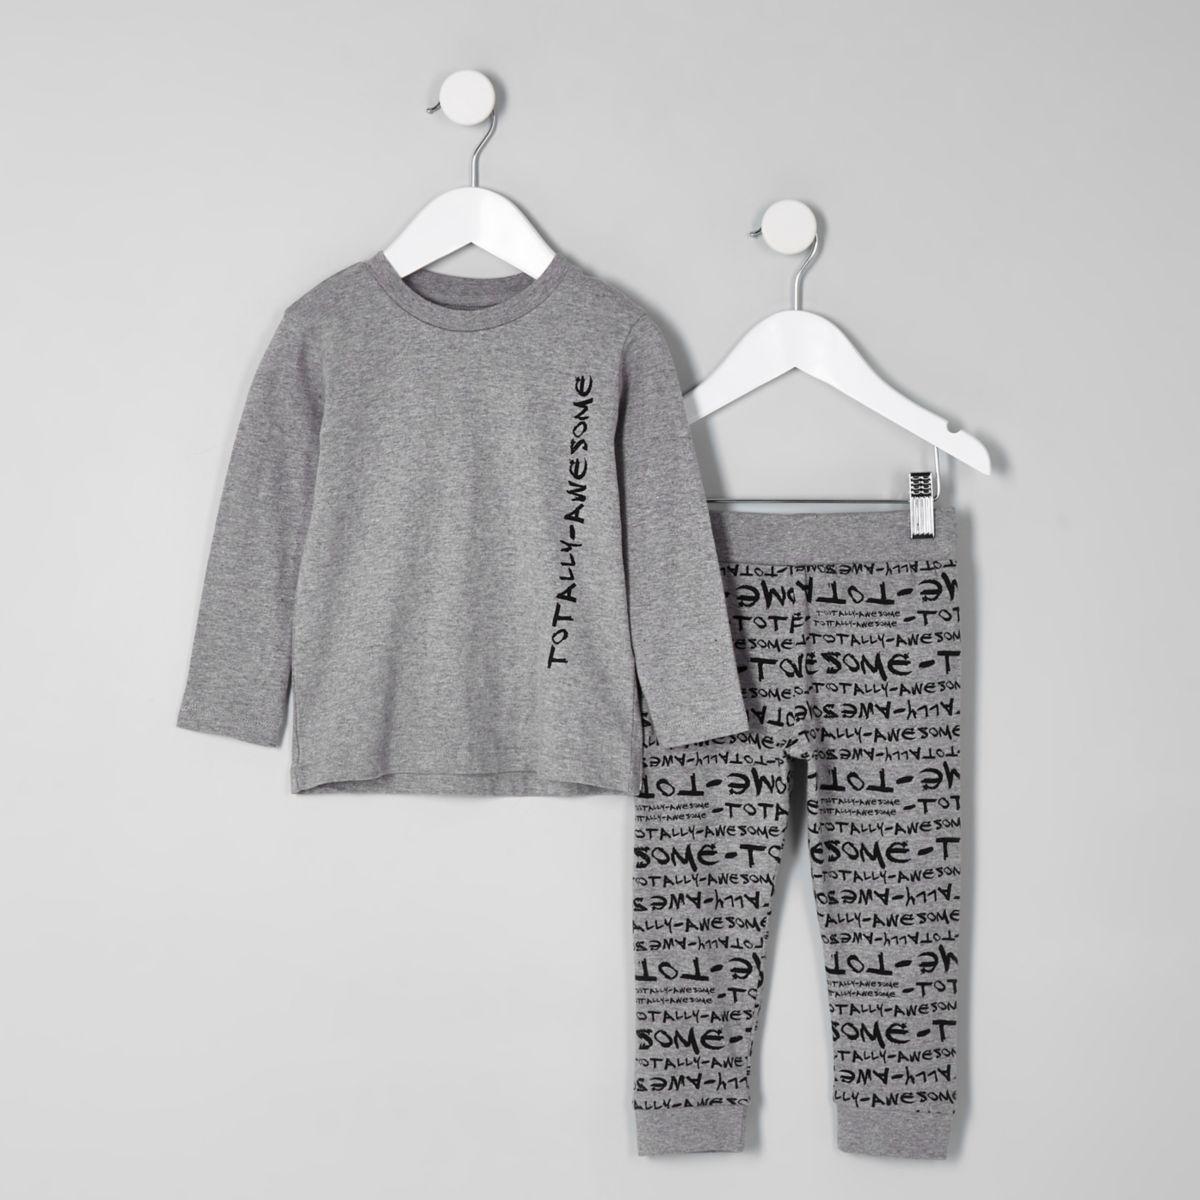 Ensemble de pyjama à imprimé « Totally awesome » gris mini garçon